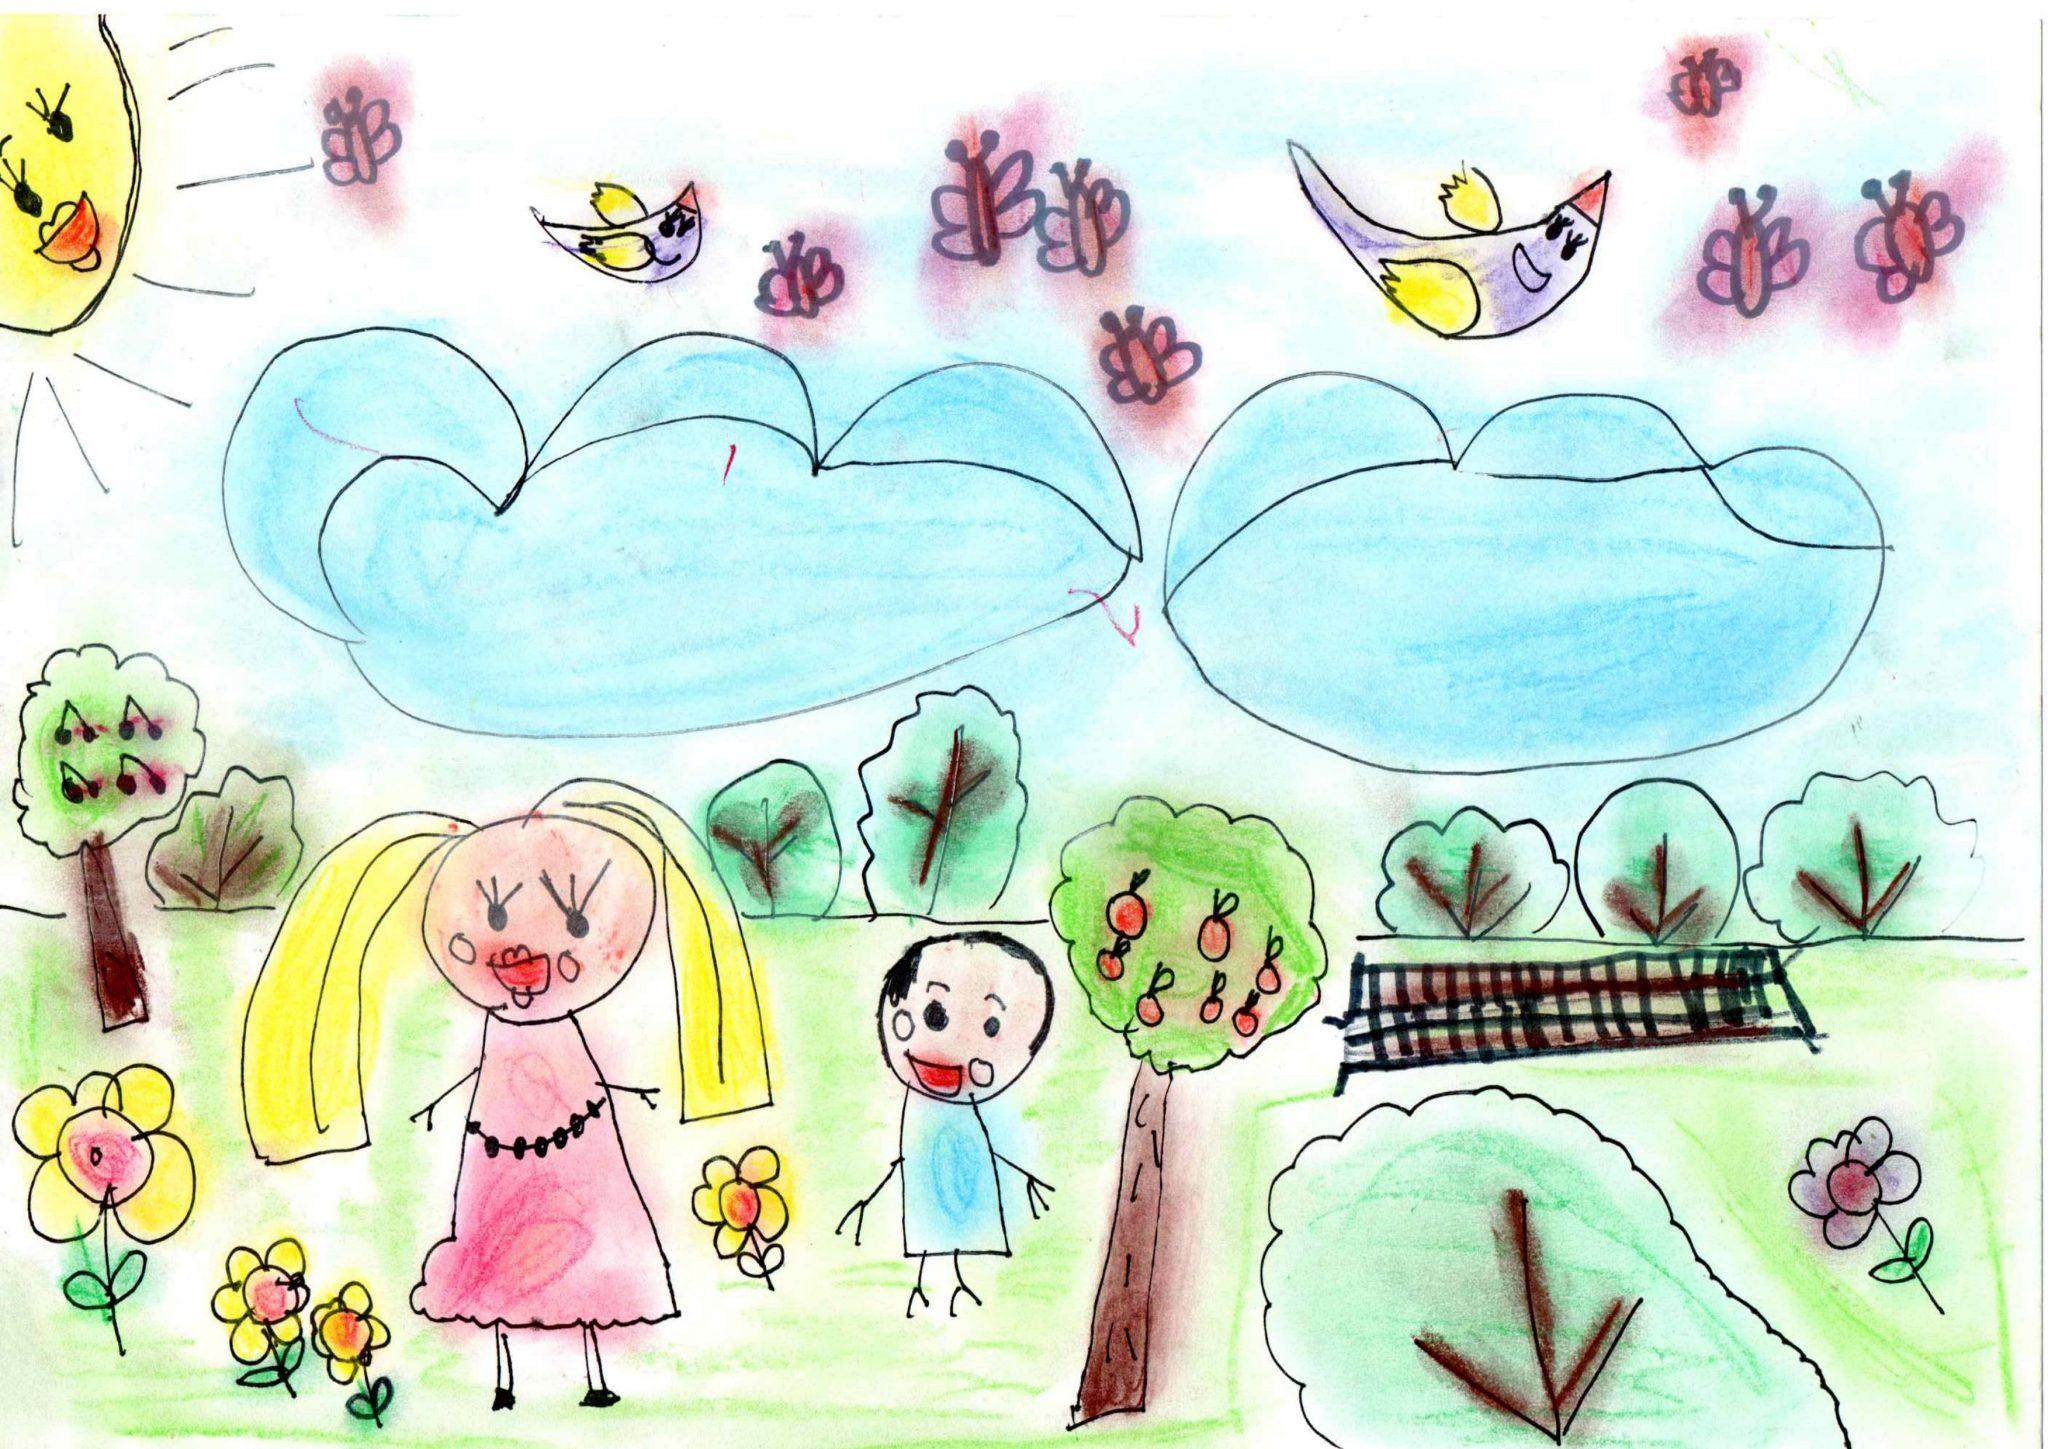 Az erdő őrzői okos gyerekek Pocsaj Kismarja Kikelet Óvodája